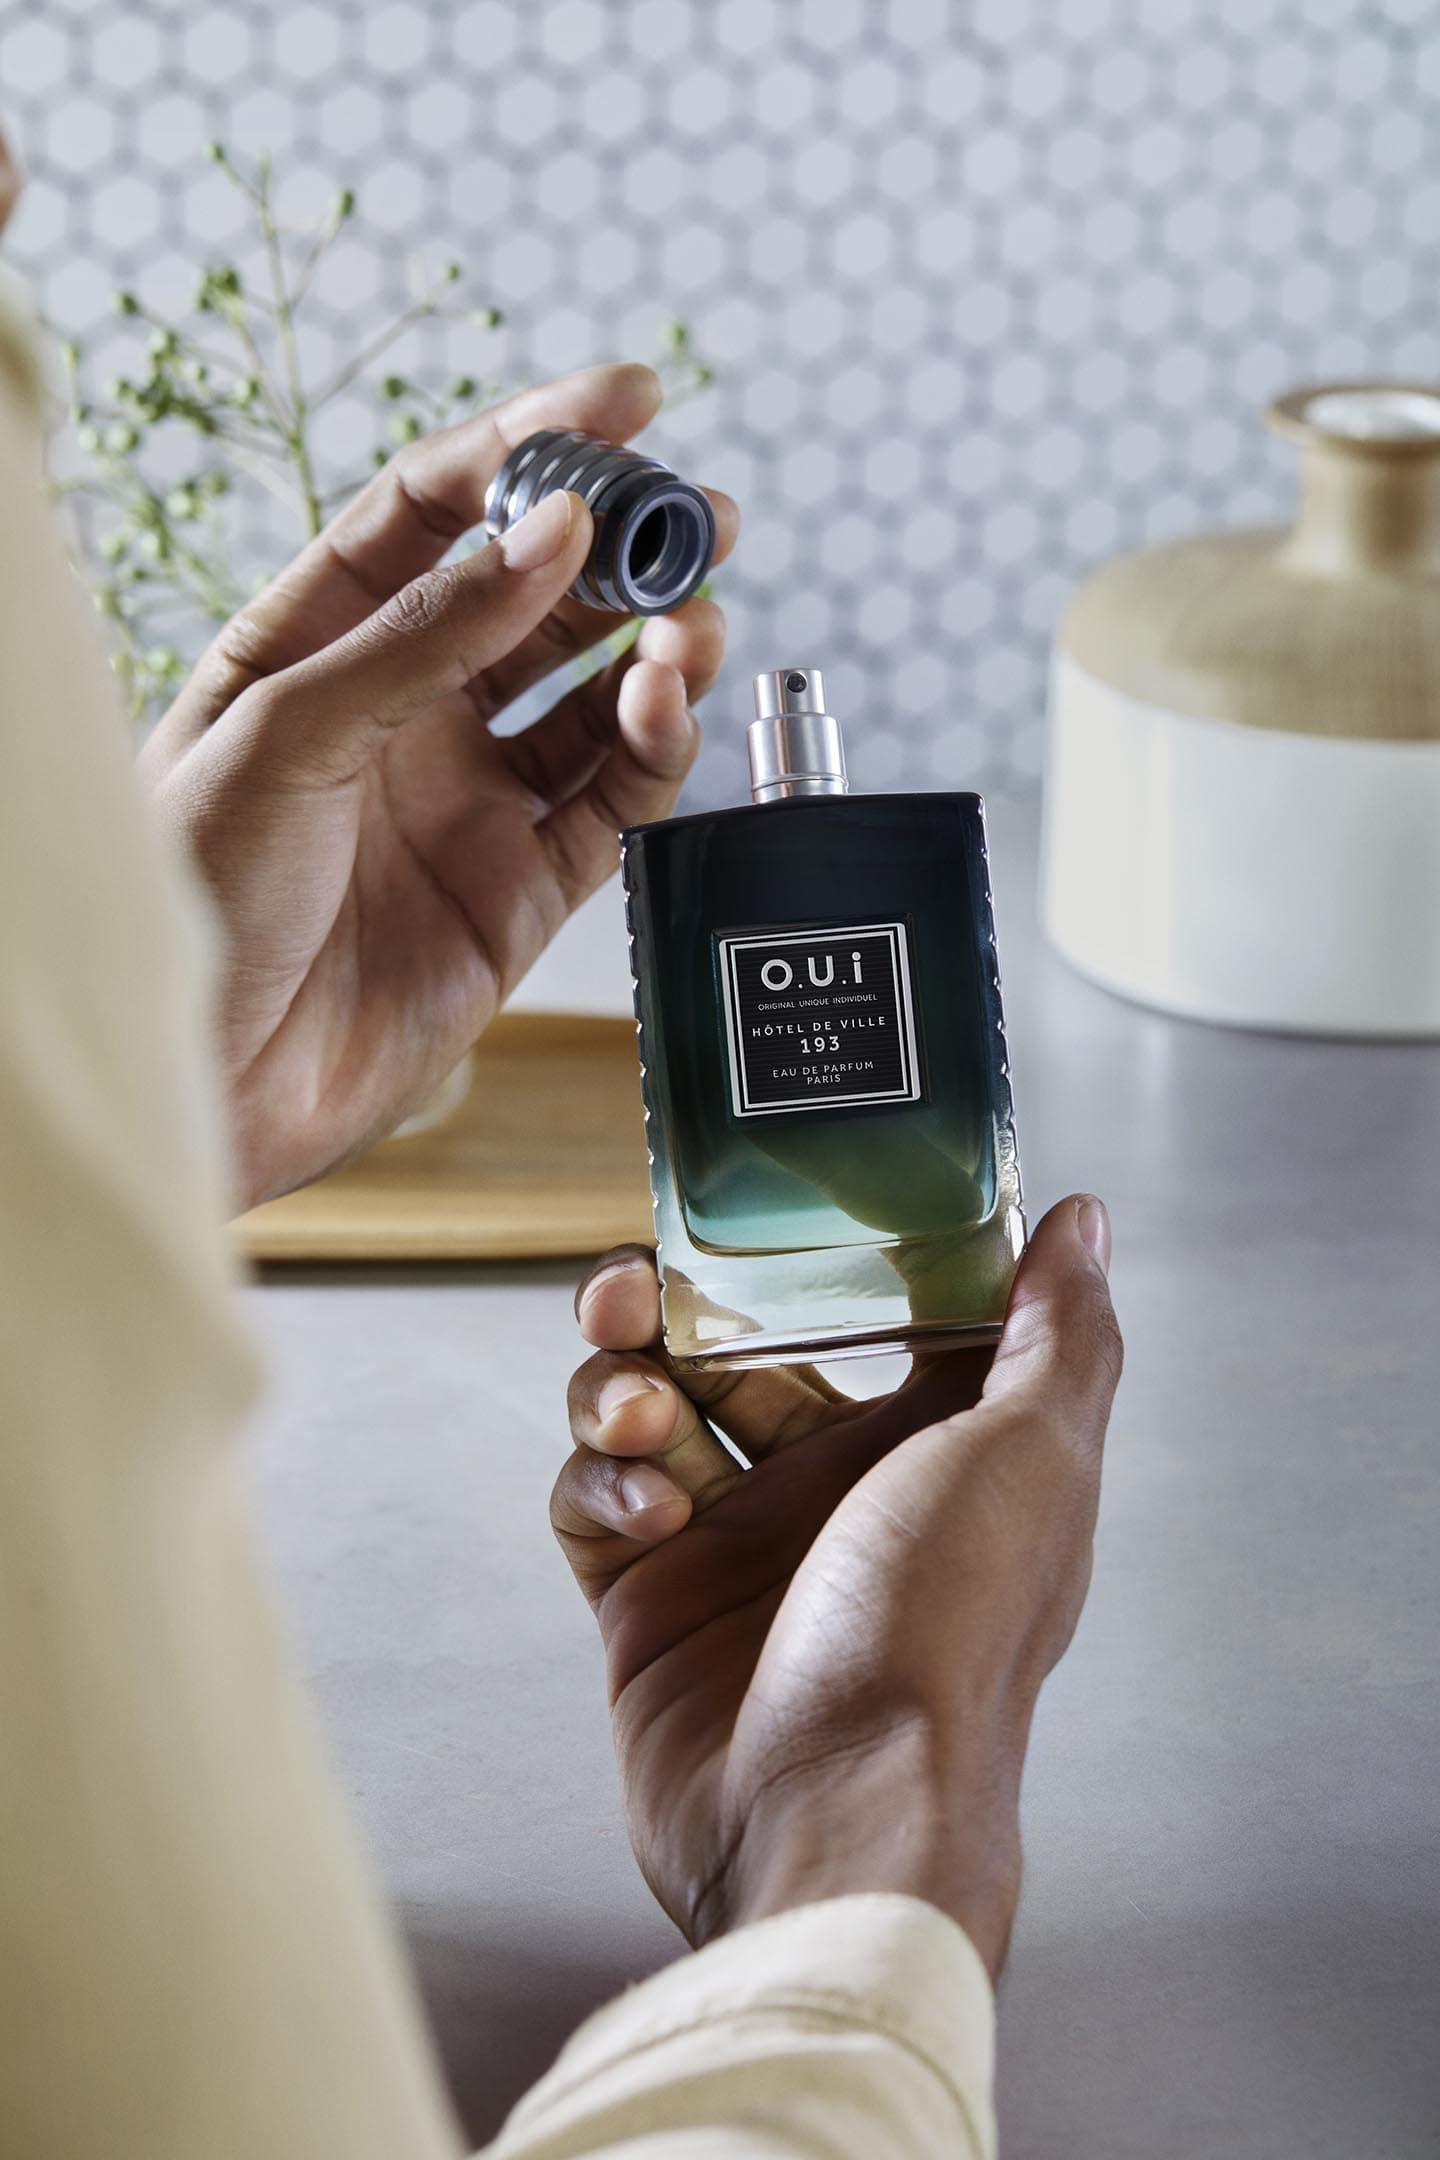 Photo homme enlevant bouchon parfum Hôtel de ville 193